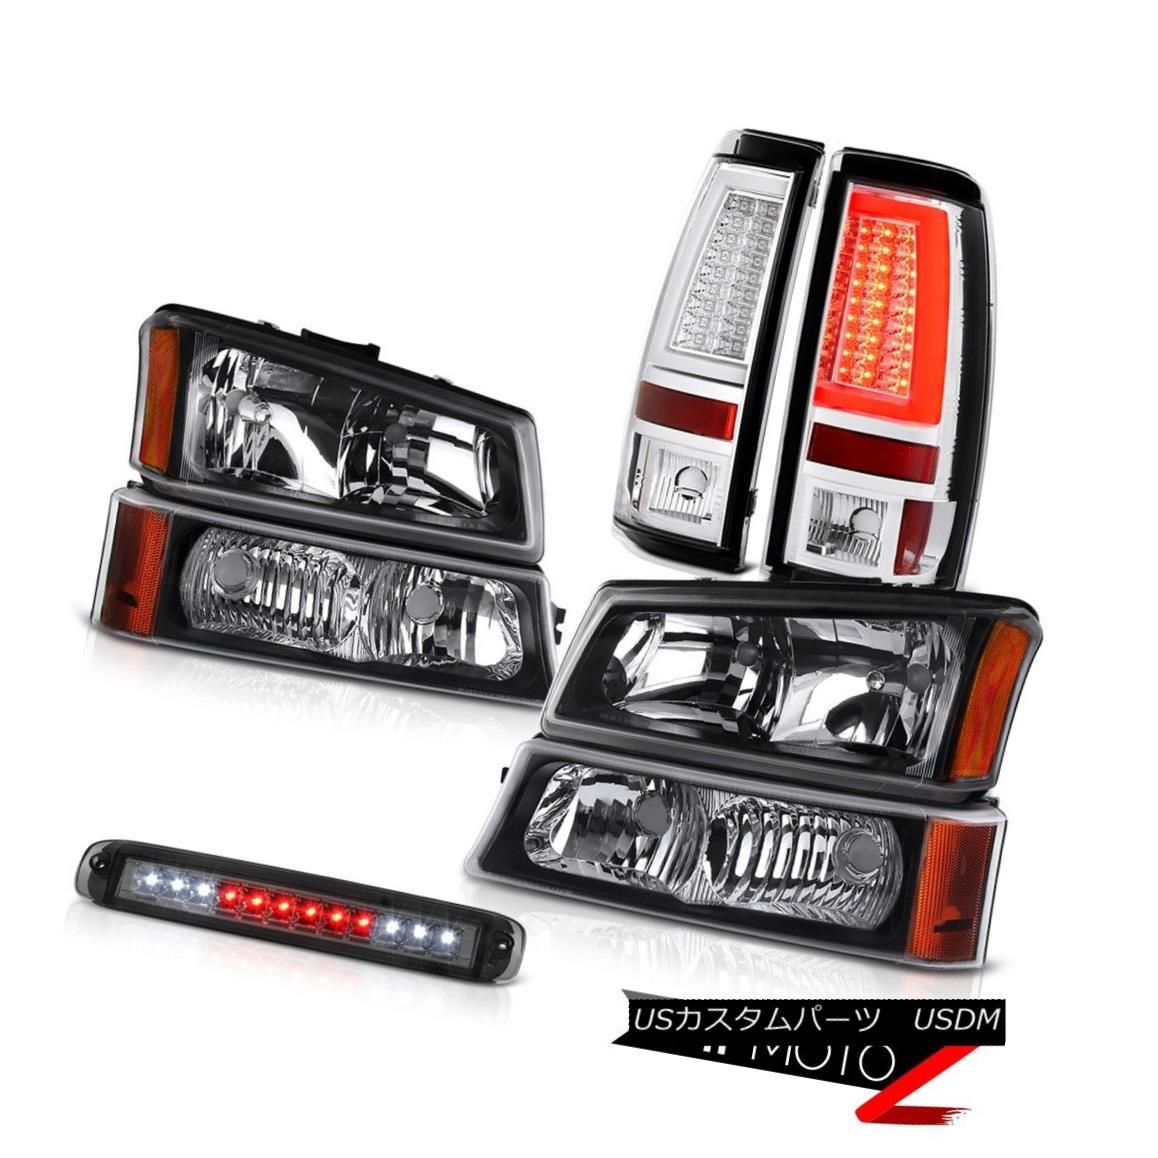 テールライト 03-06 Silverado Taillamps Third Brake Light Bumper Lamp Headlamps Tron Tube LED 03-06 Silverado Taillamps第3ブレーキライトバンパーランプヘッドランプトロンチューブLED